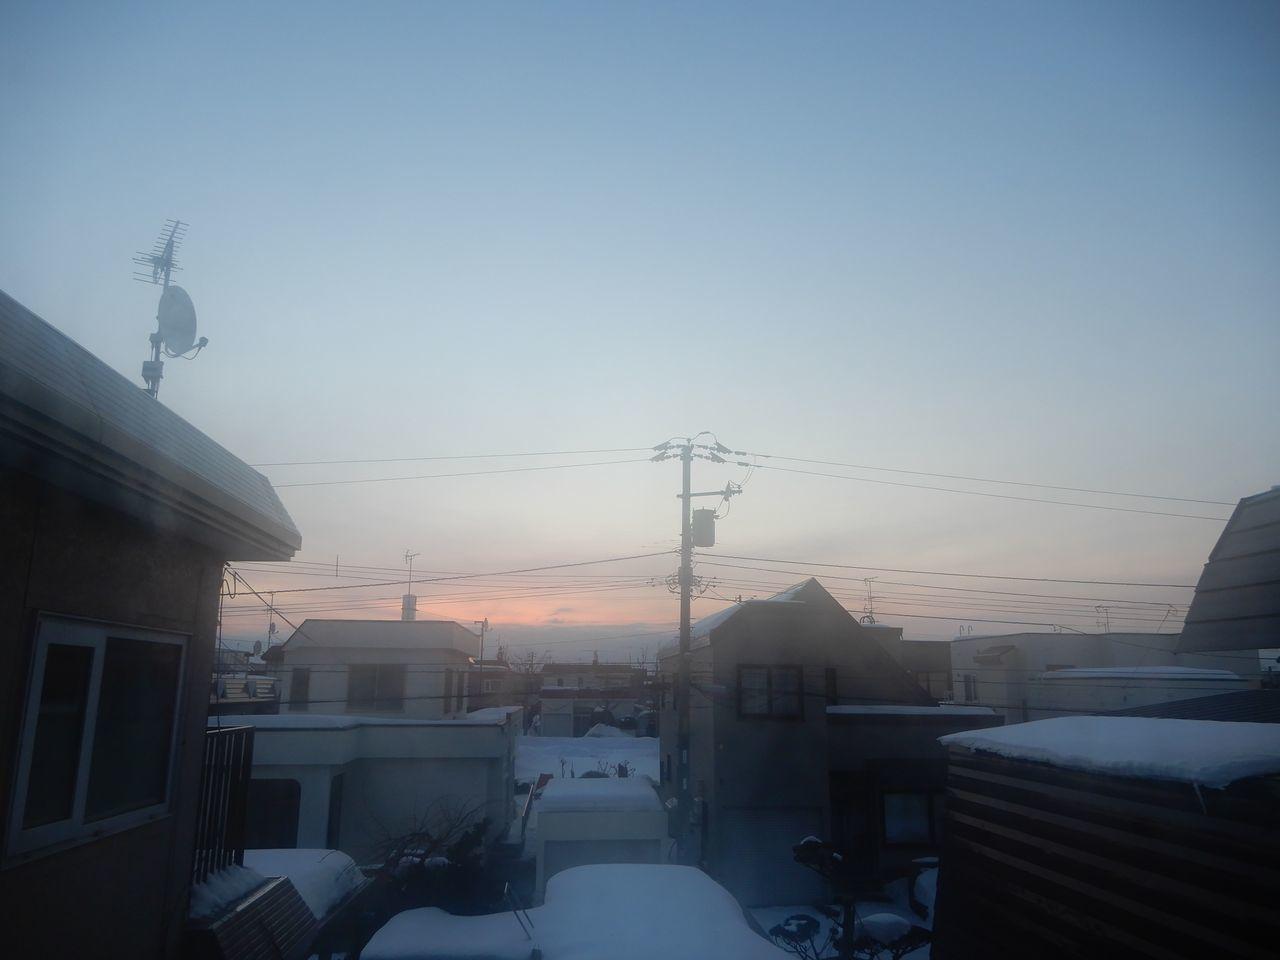 夜の10時になっても最高気温更新中_c0025115_22162531.jpg